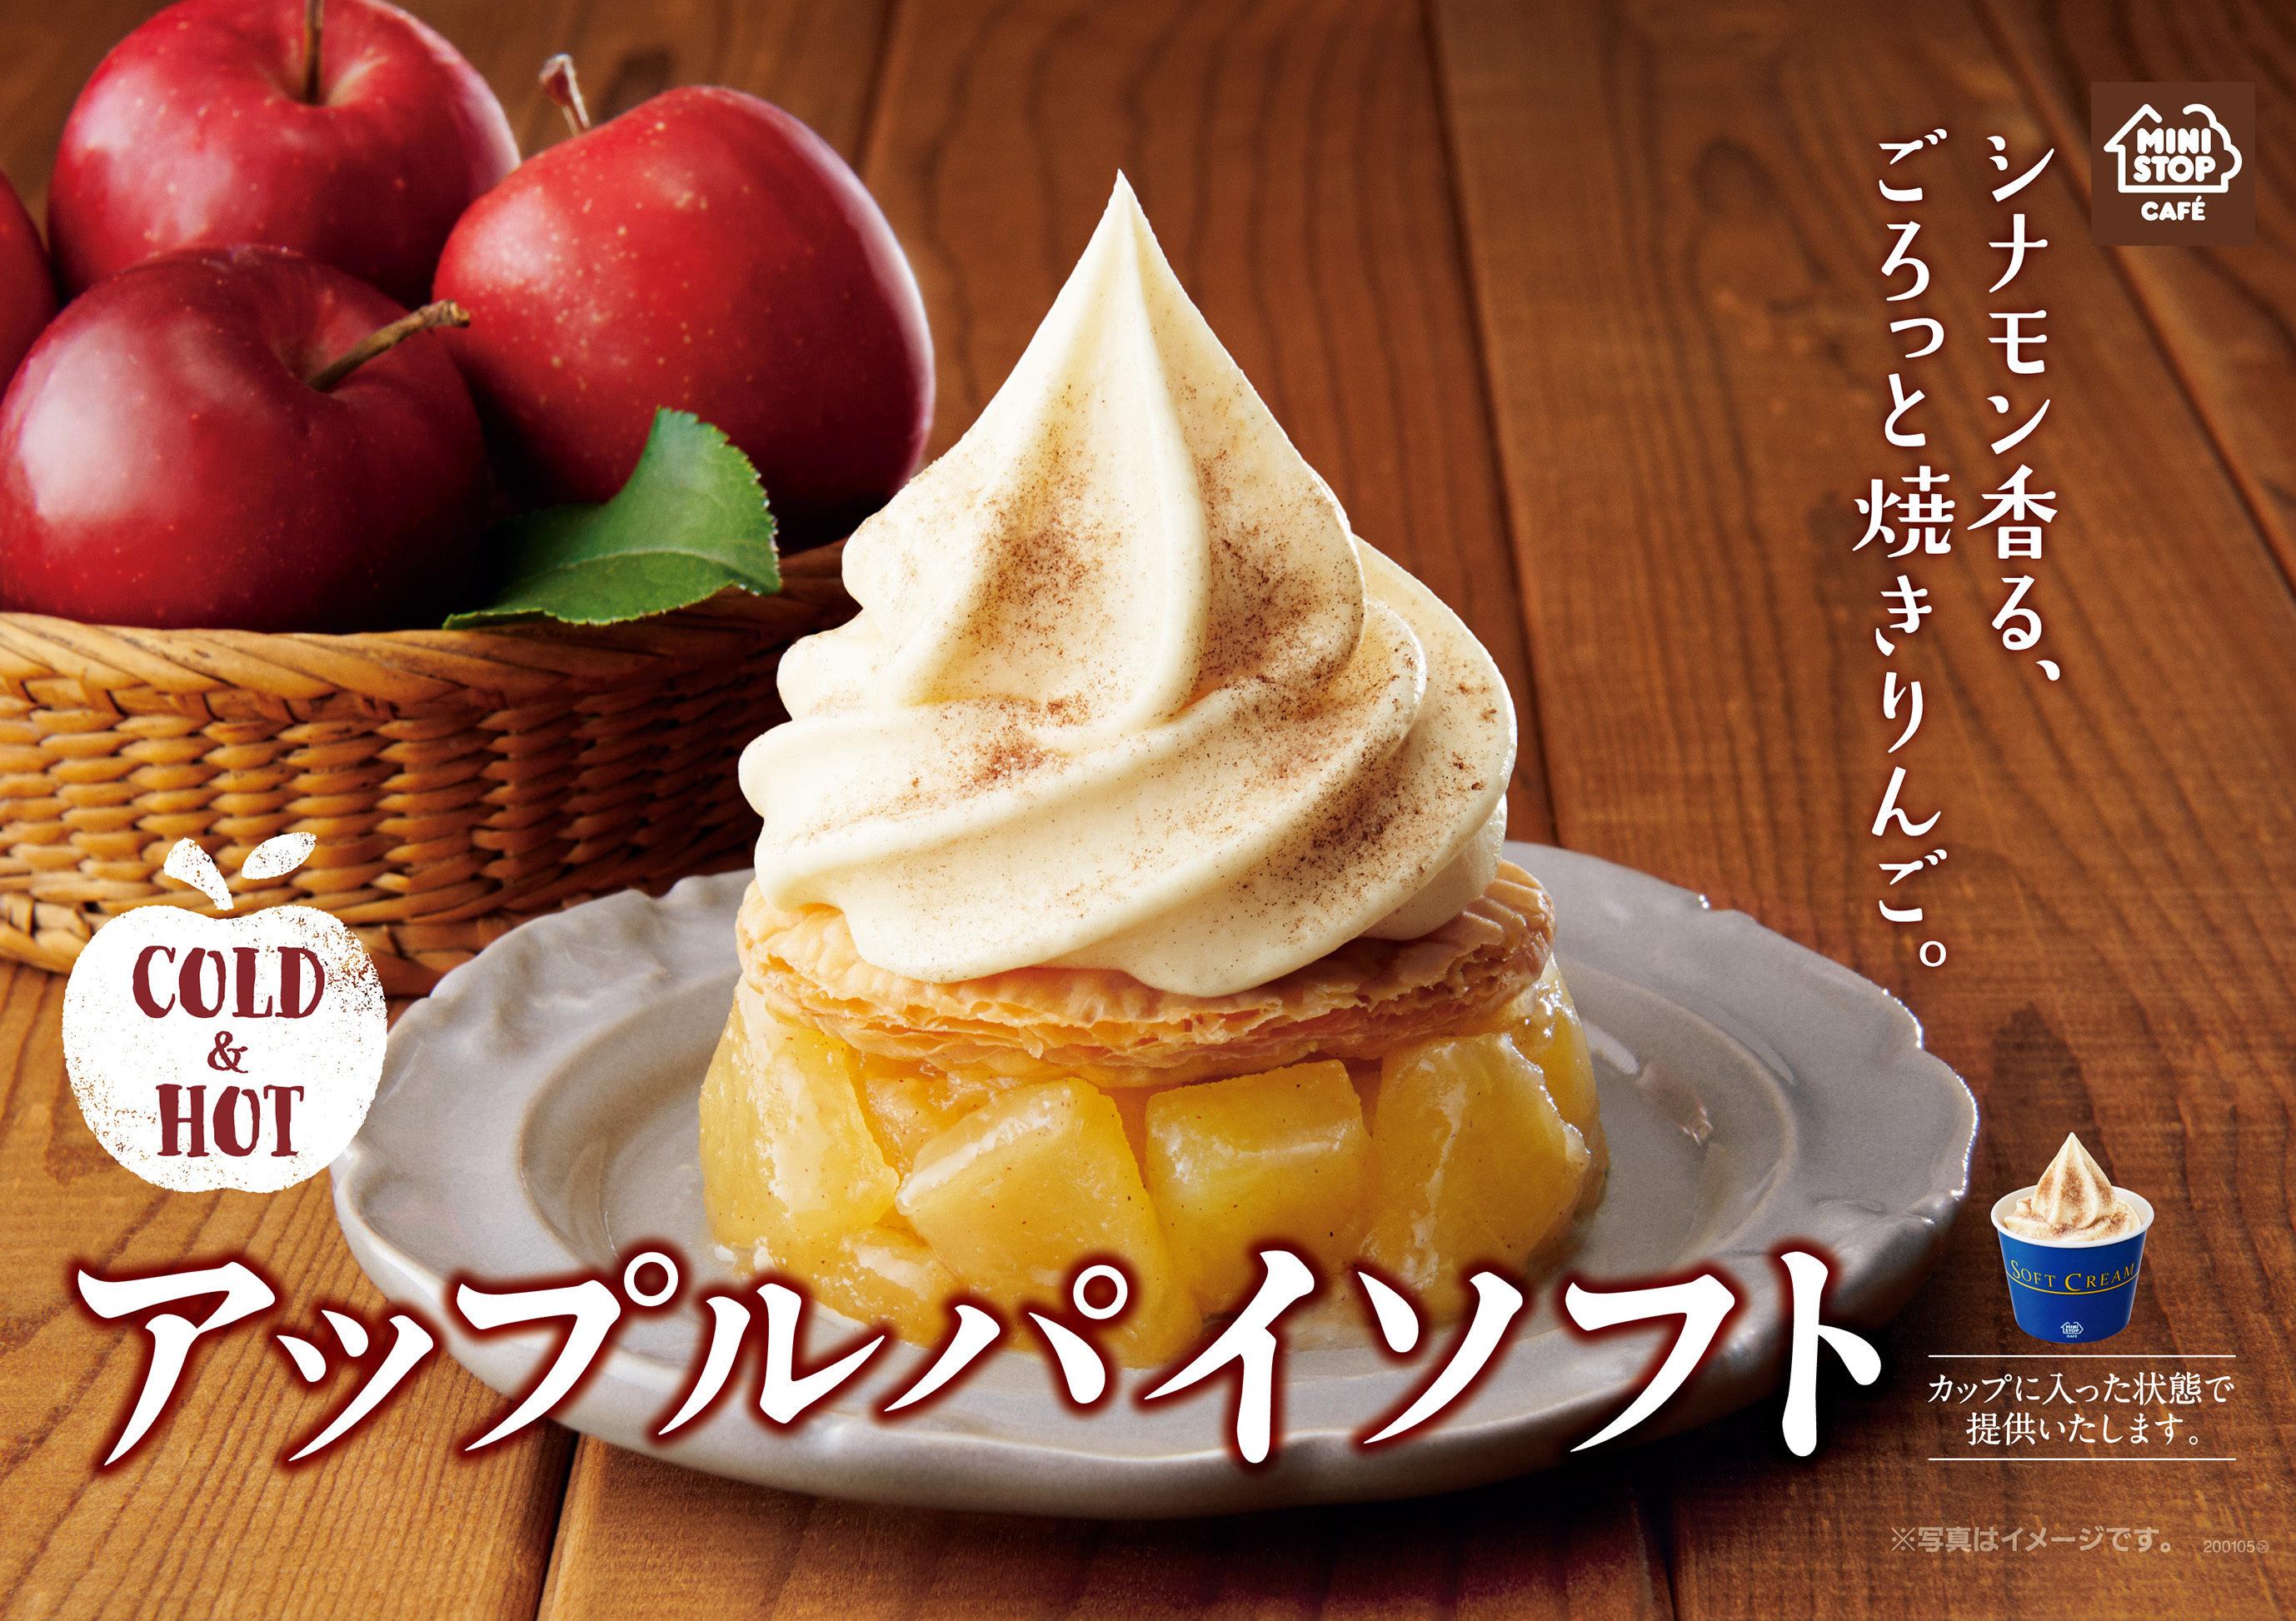 ごろっ!と焼きりんごに サックサク!なパイをのせて 温×冷スイーツ 「アップルパイソフト」12/13(金)より発売